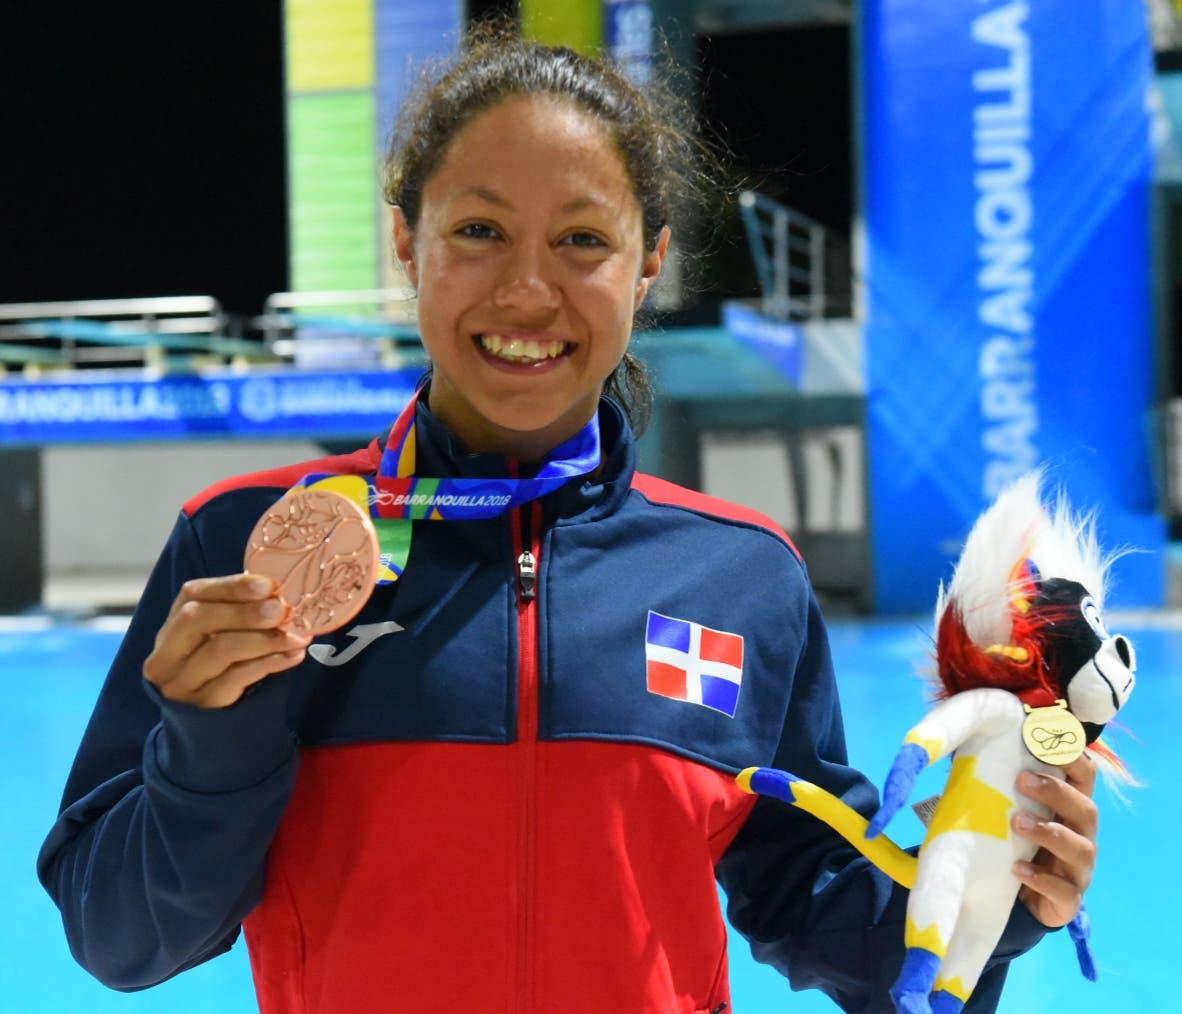 Natación de RD esperanzada con sus atletas para Juegos Olímpicos